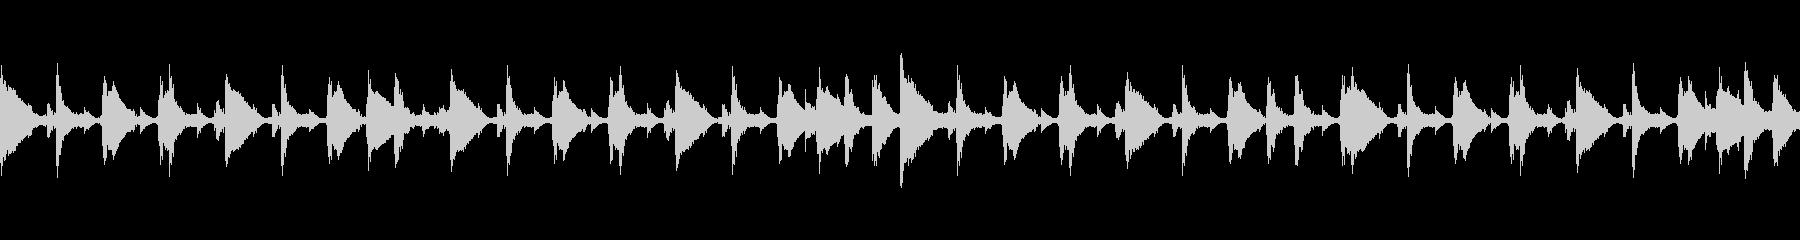 ドラムブレイクの未再生の波形